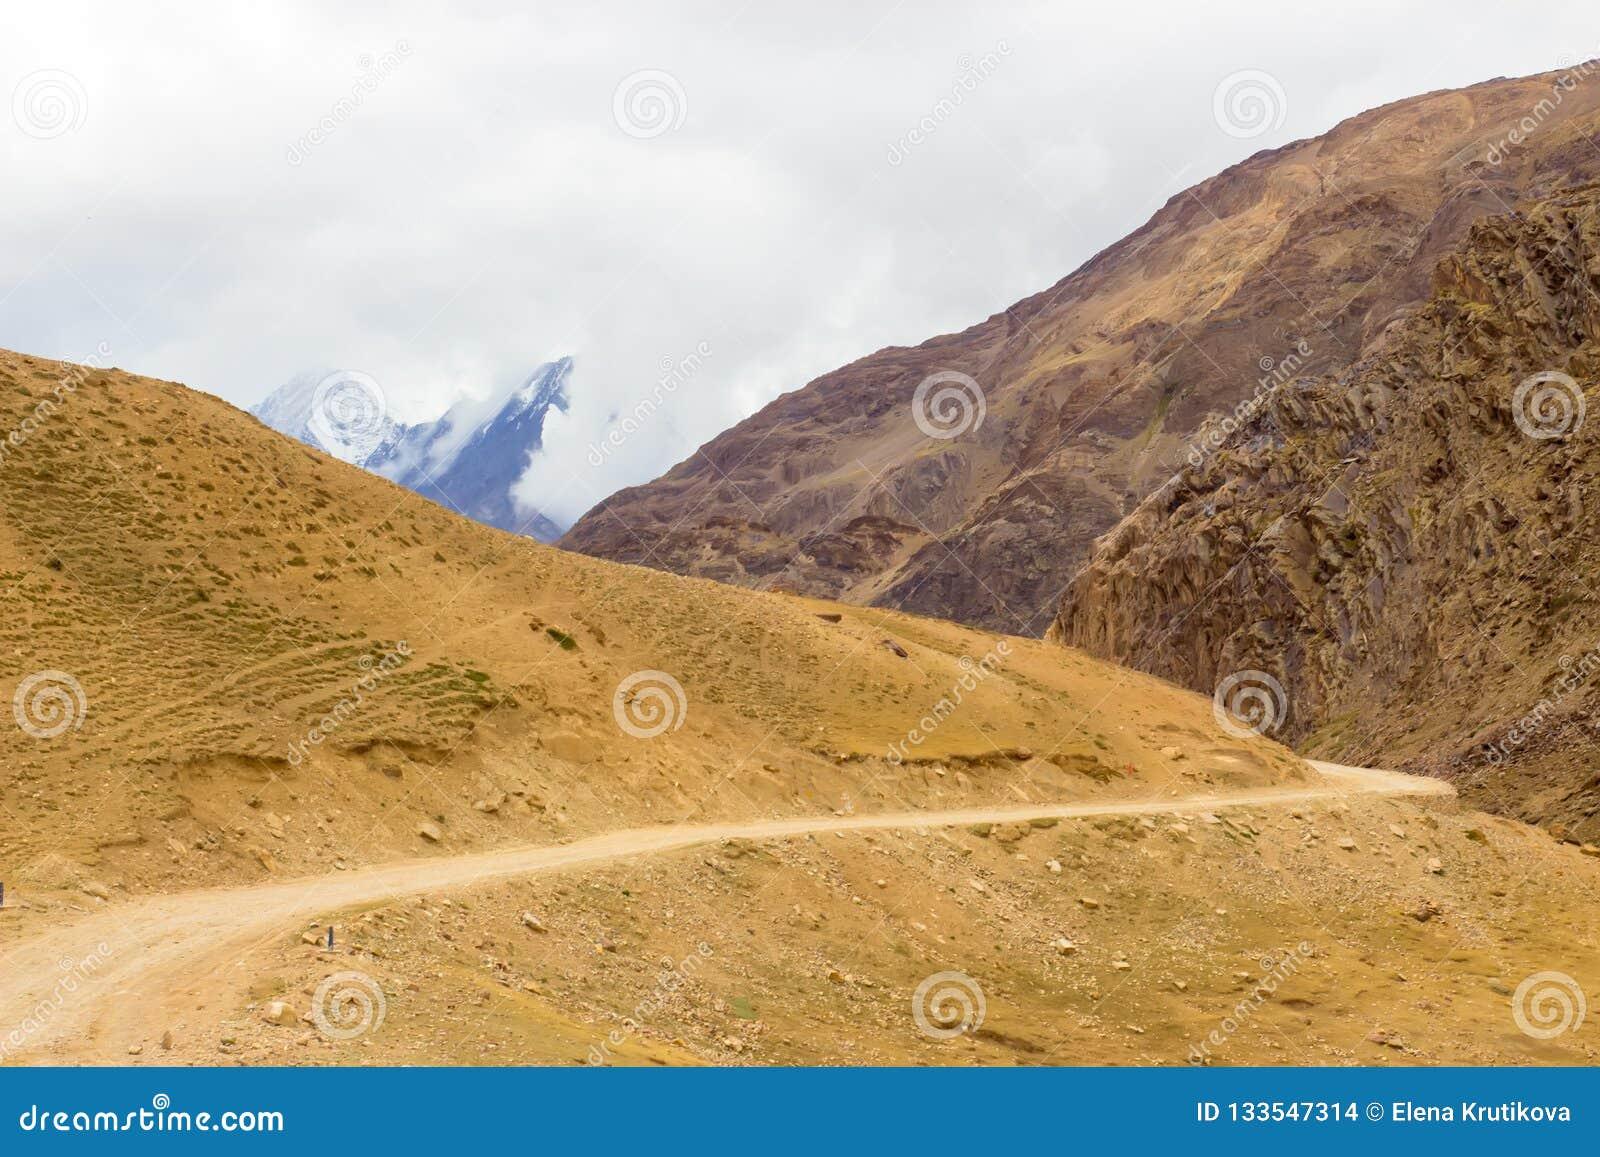 La route entre les montagnes mène à la vallée de Spiti